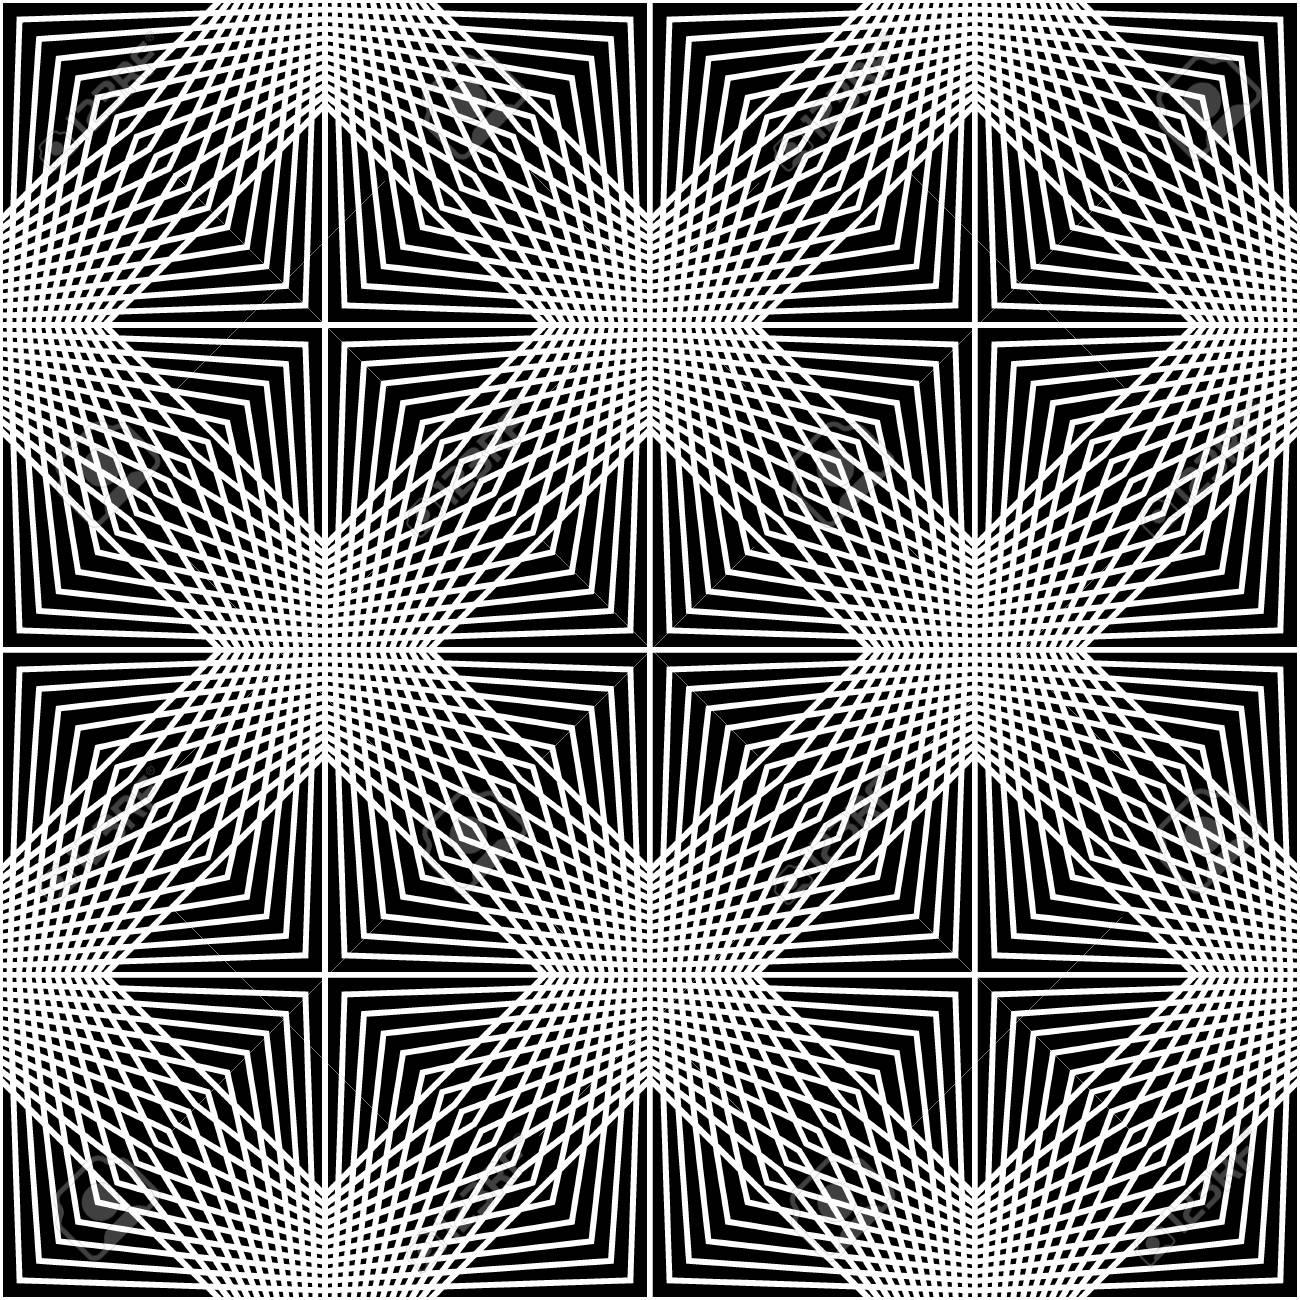 Dessin Au Trait Moderne Géométrie Transparente Motif Au Trait Fond Géométrique Abstrait Noir Et Blanc Impression Doreiller Texture Rétro